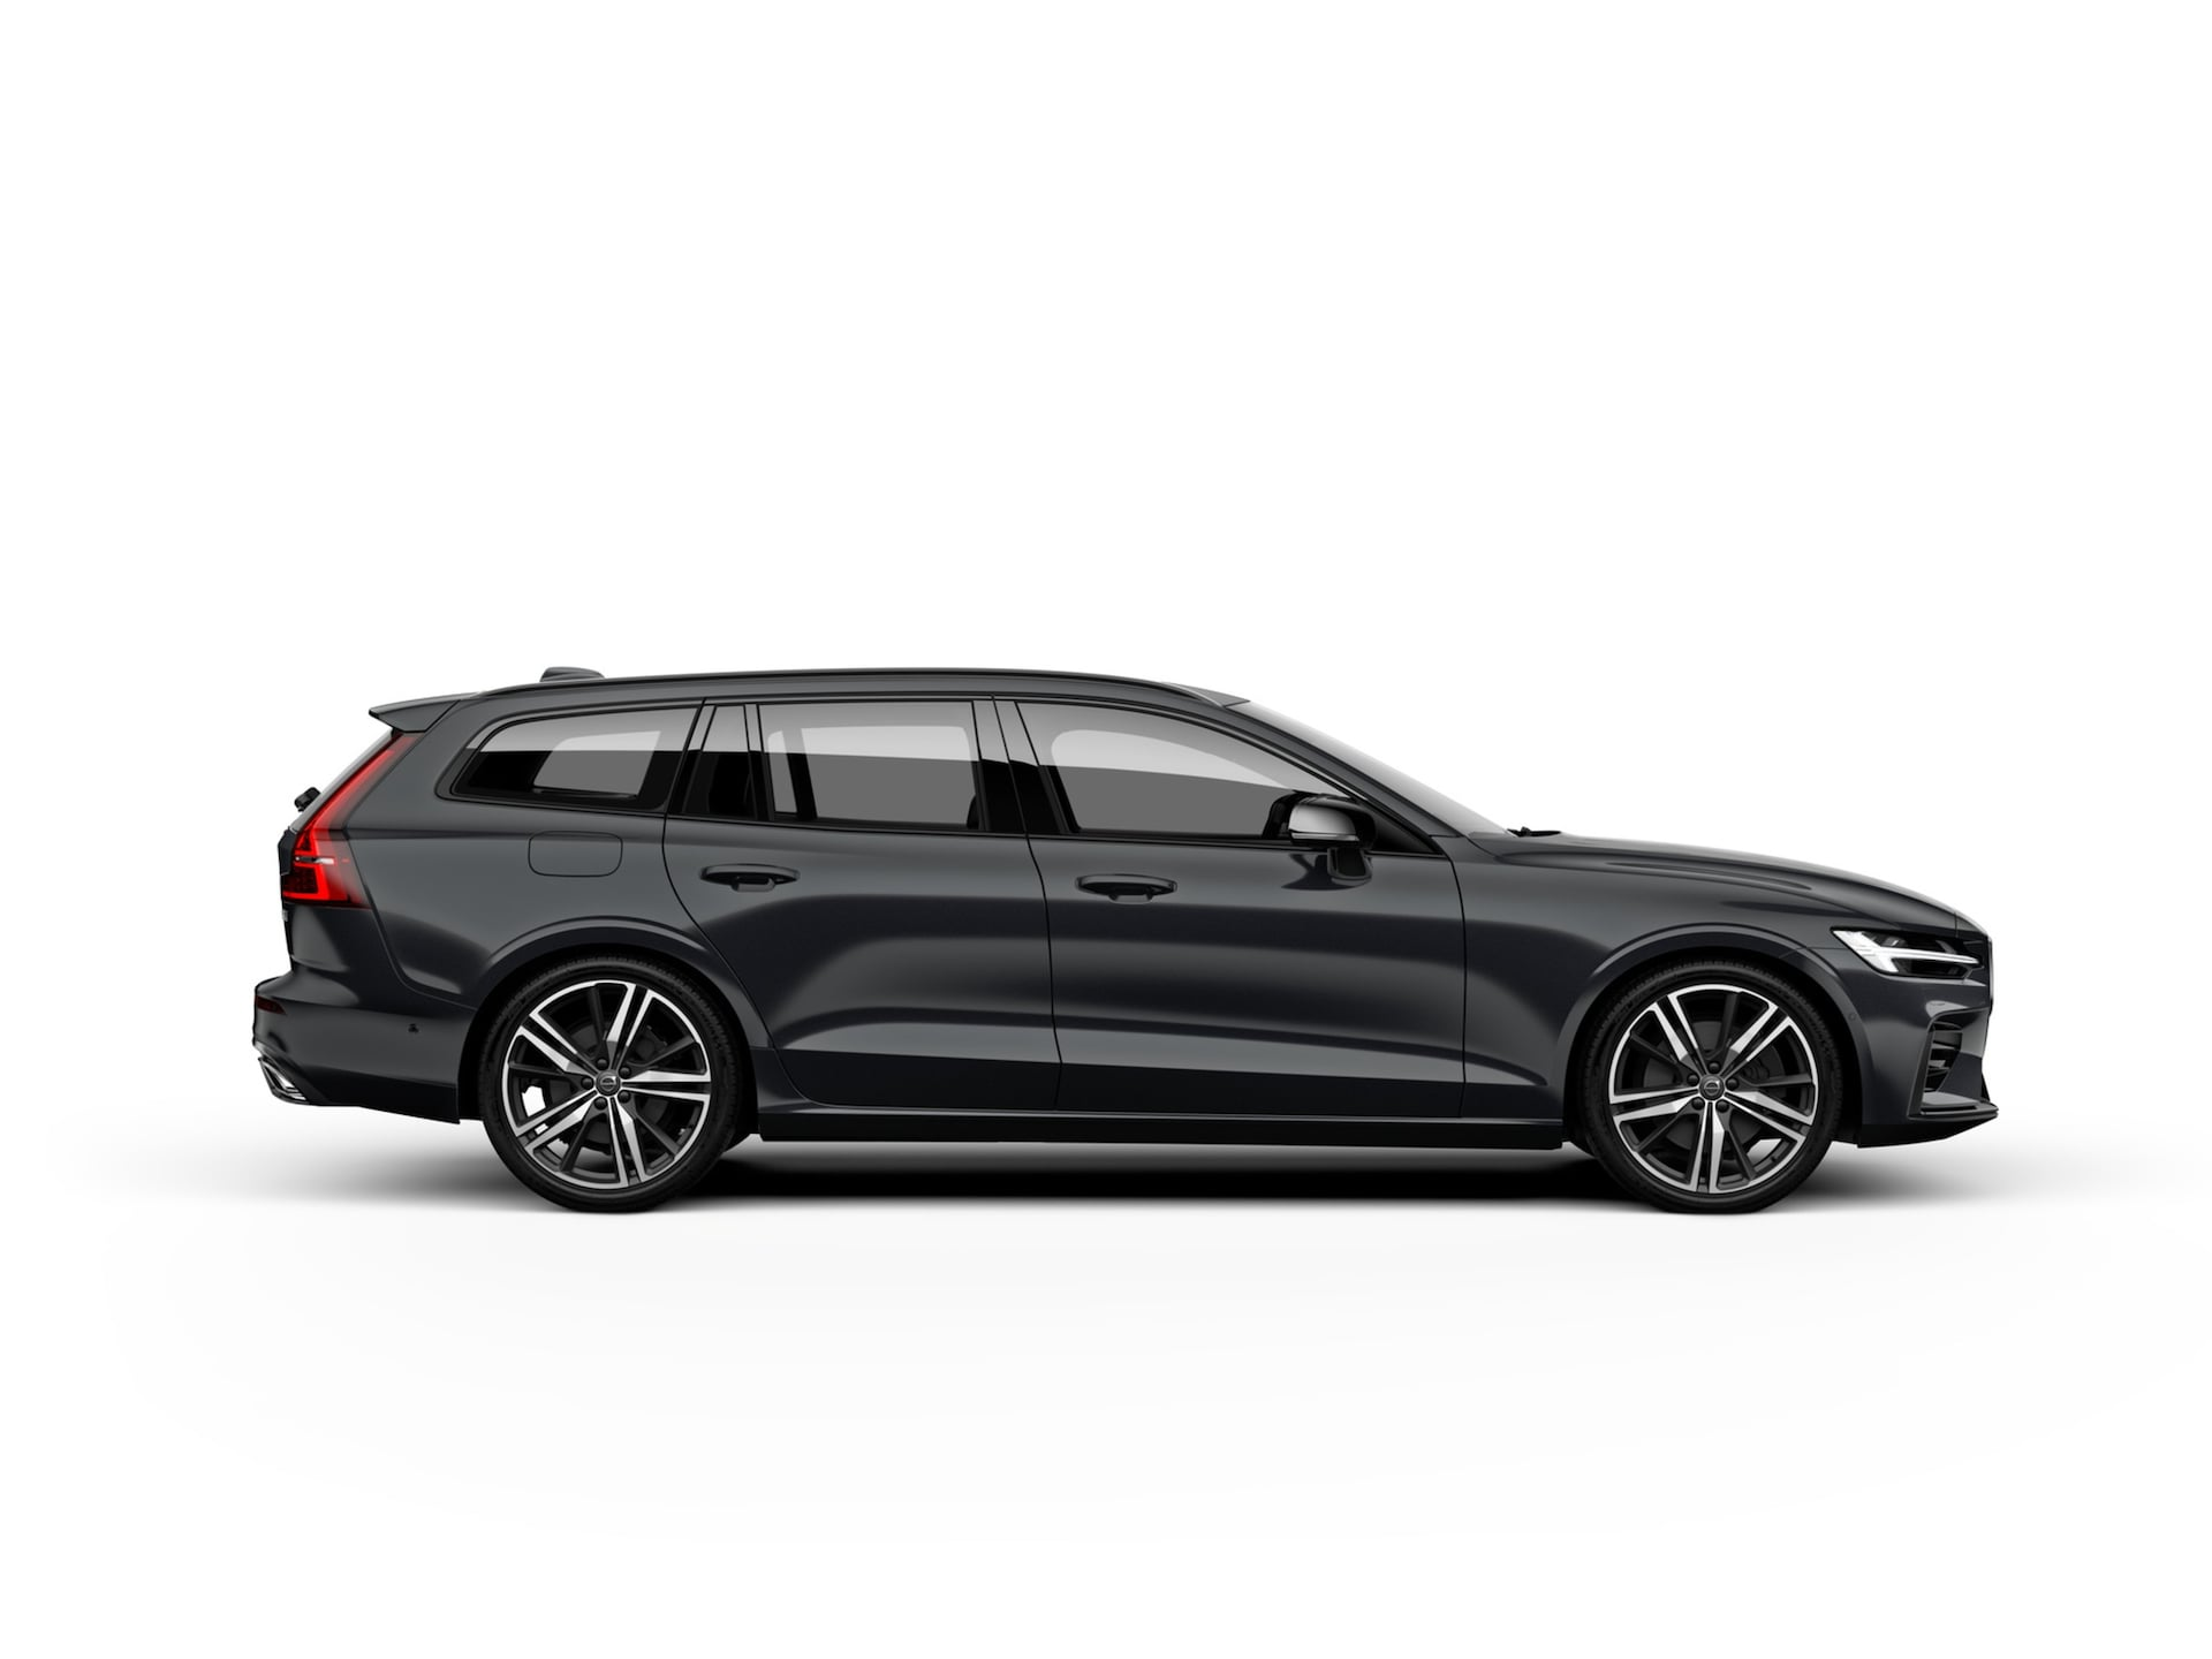 Coche familiar Volvo V60 oferta